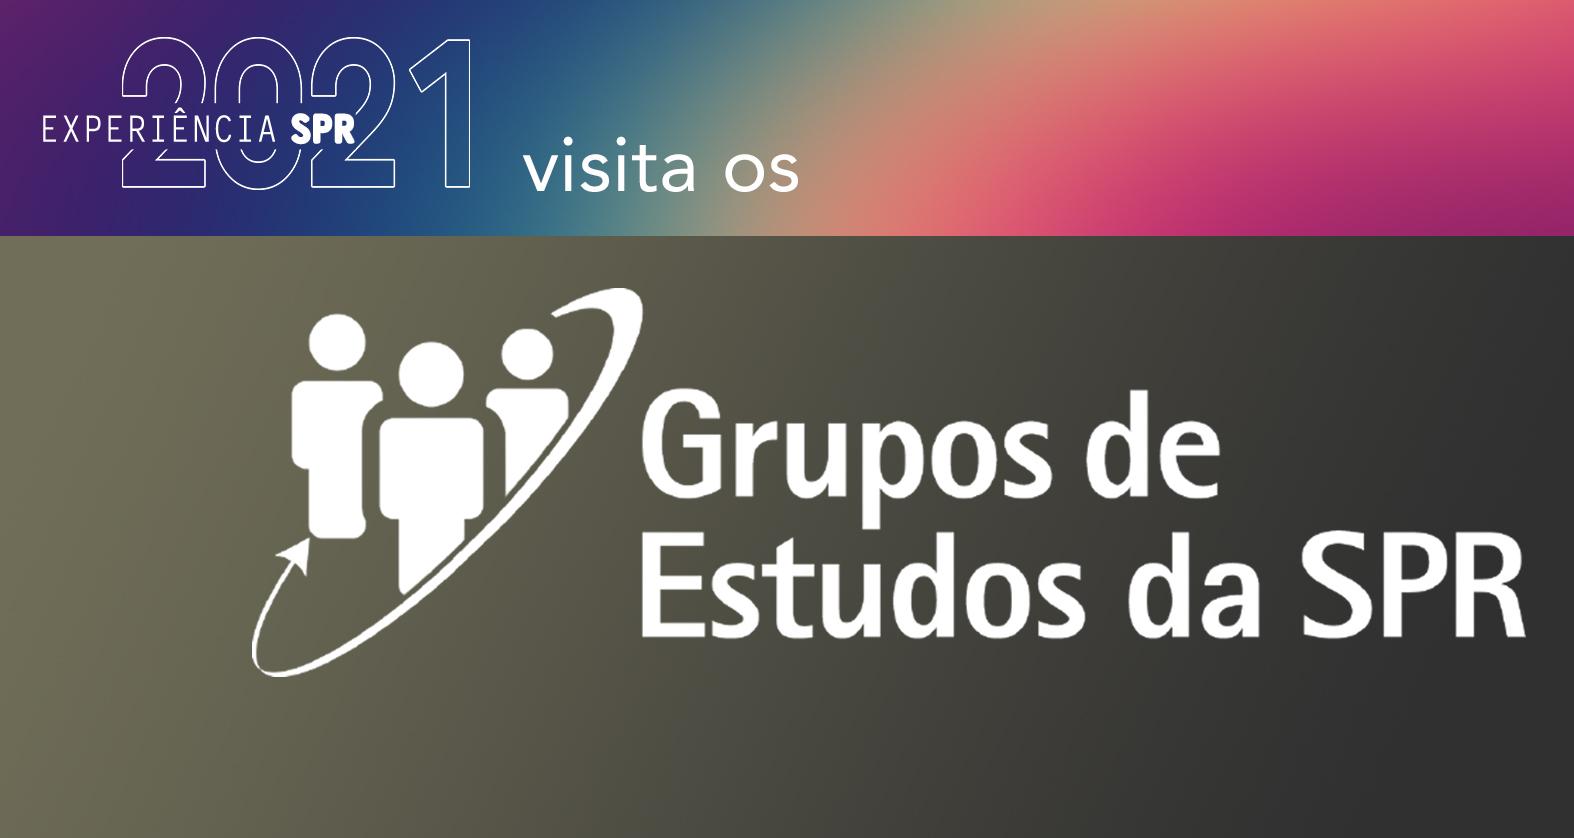 Experiência SPR 2021 visita o GECAPE desta terça-feira